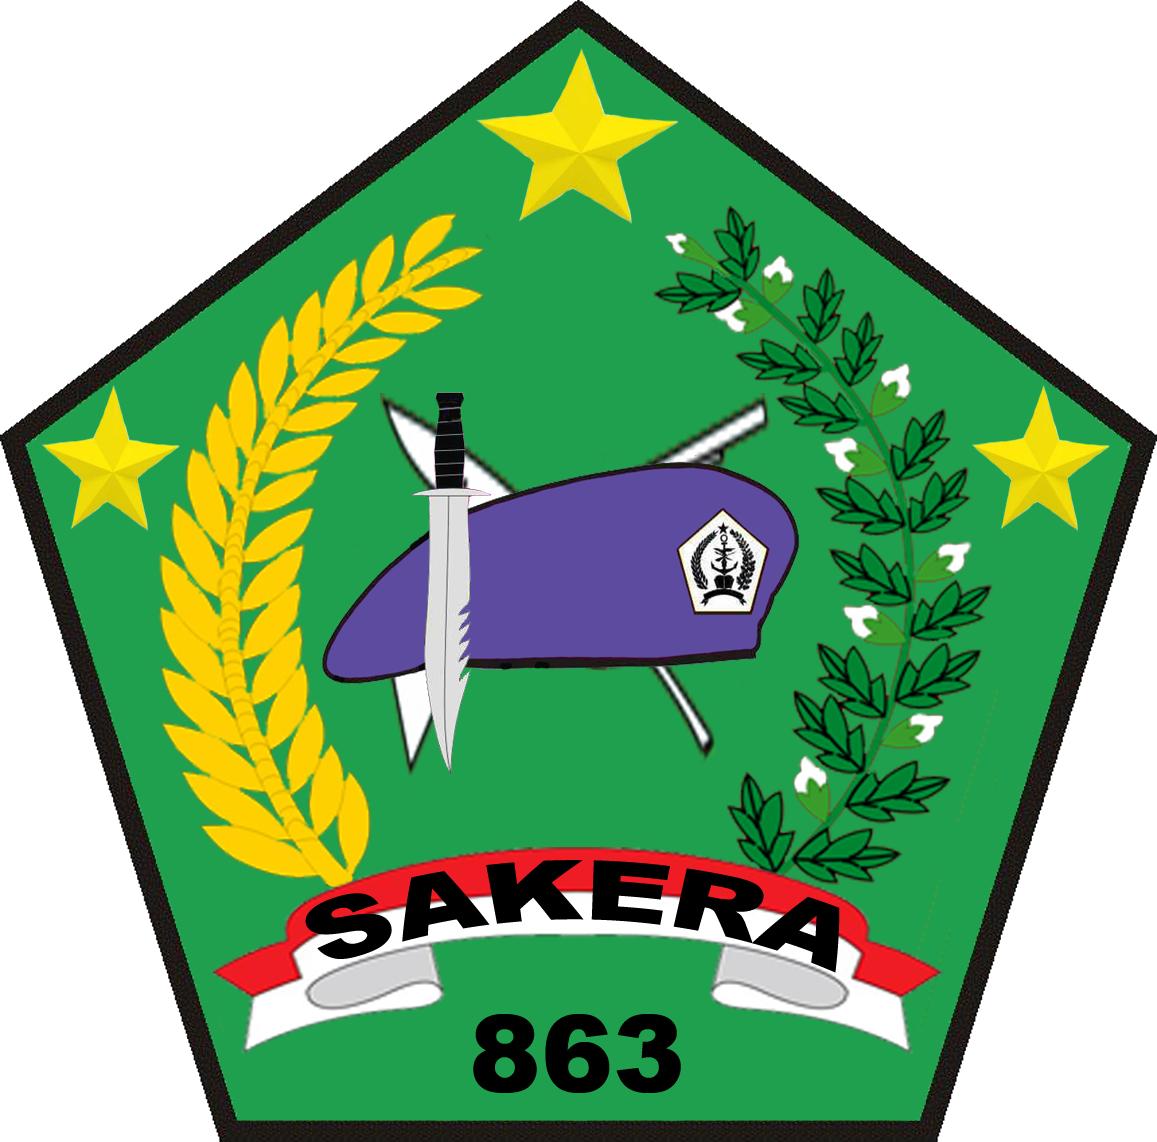 sakera